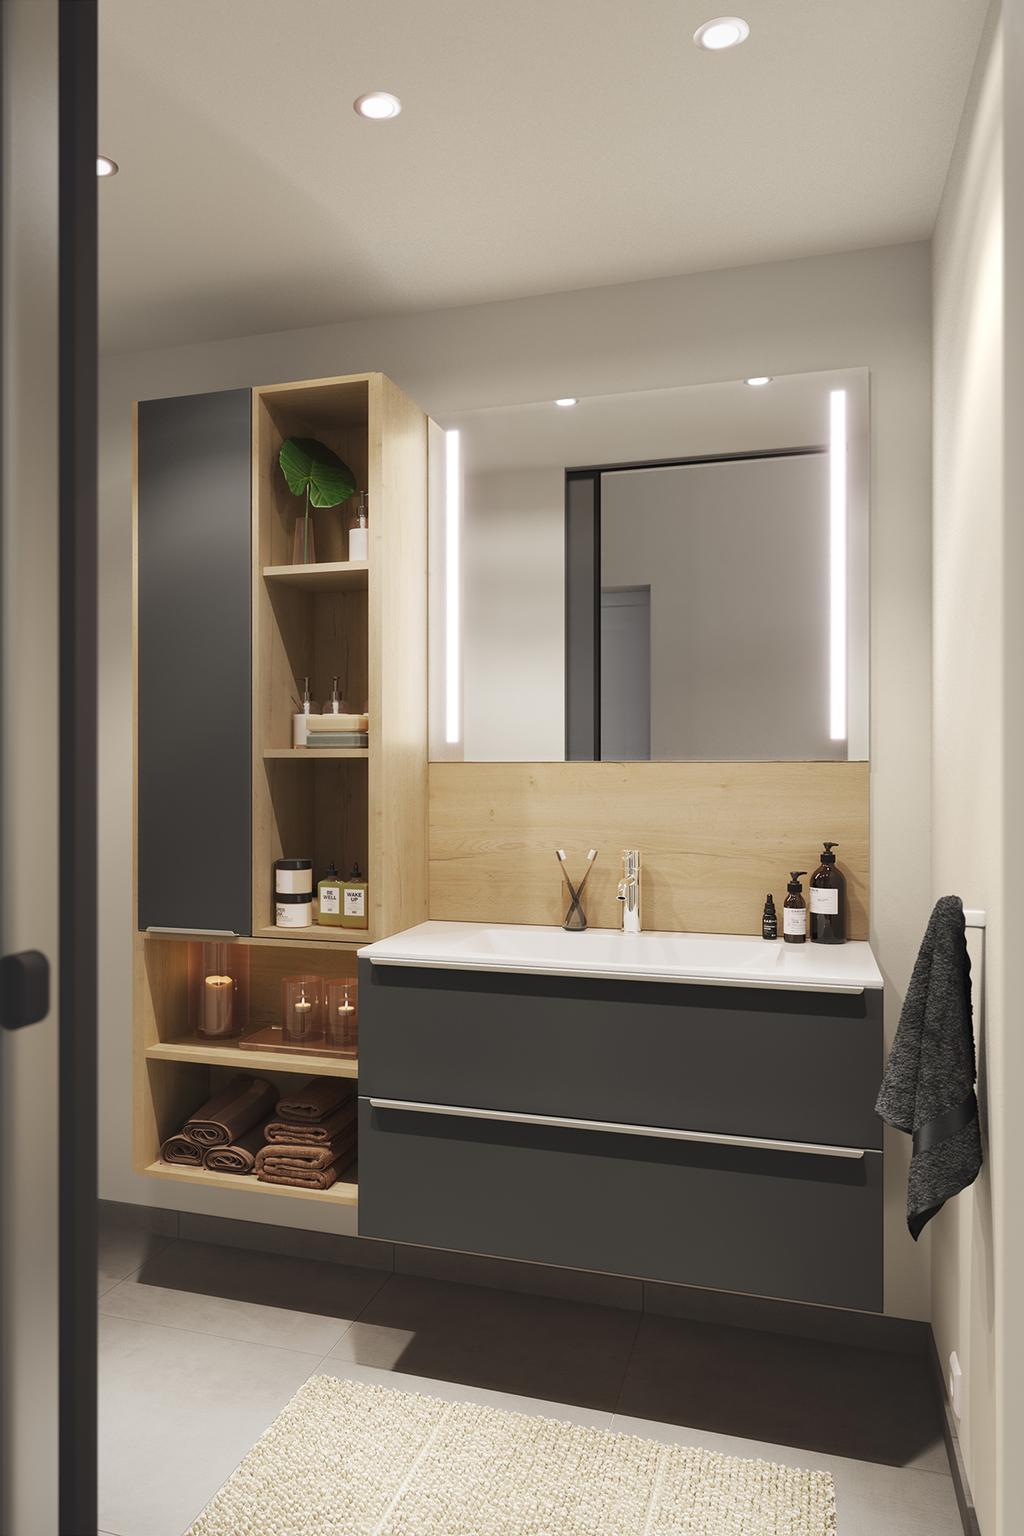 Badkamer met grijze kasten en houten planken | maatwerk èggo